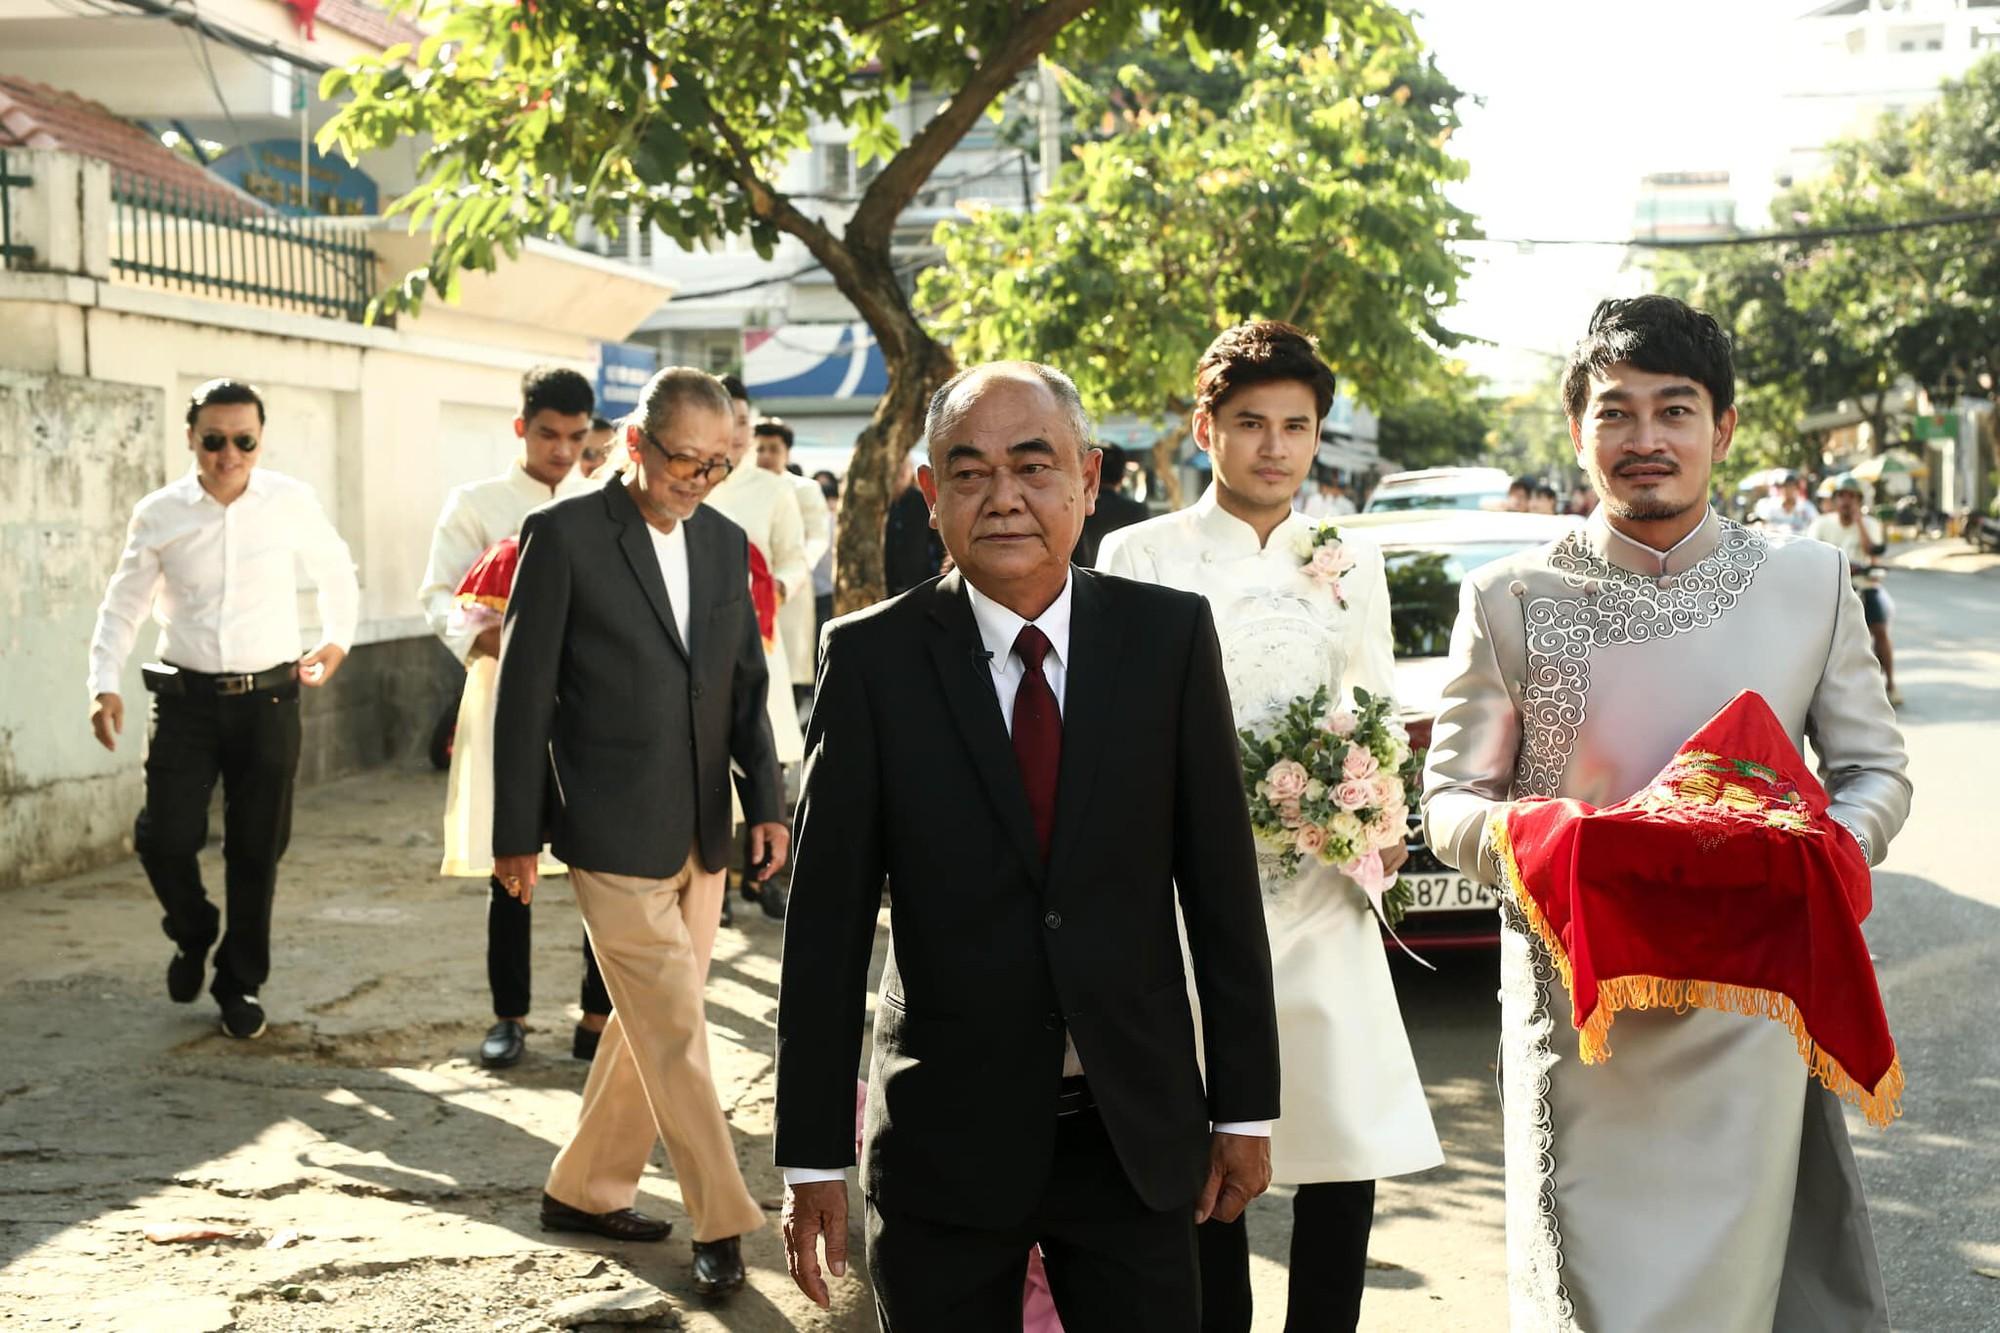 Vợ chồng Ái Châu - Huỳnh Đông cùng dàn diễn viên nổi tiếng bưng quả trong đám hỏi sao nữ Gạo nếp gạo tẻ - Ảnh 1.